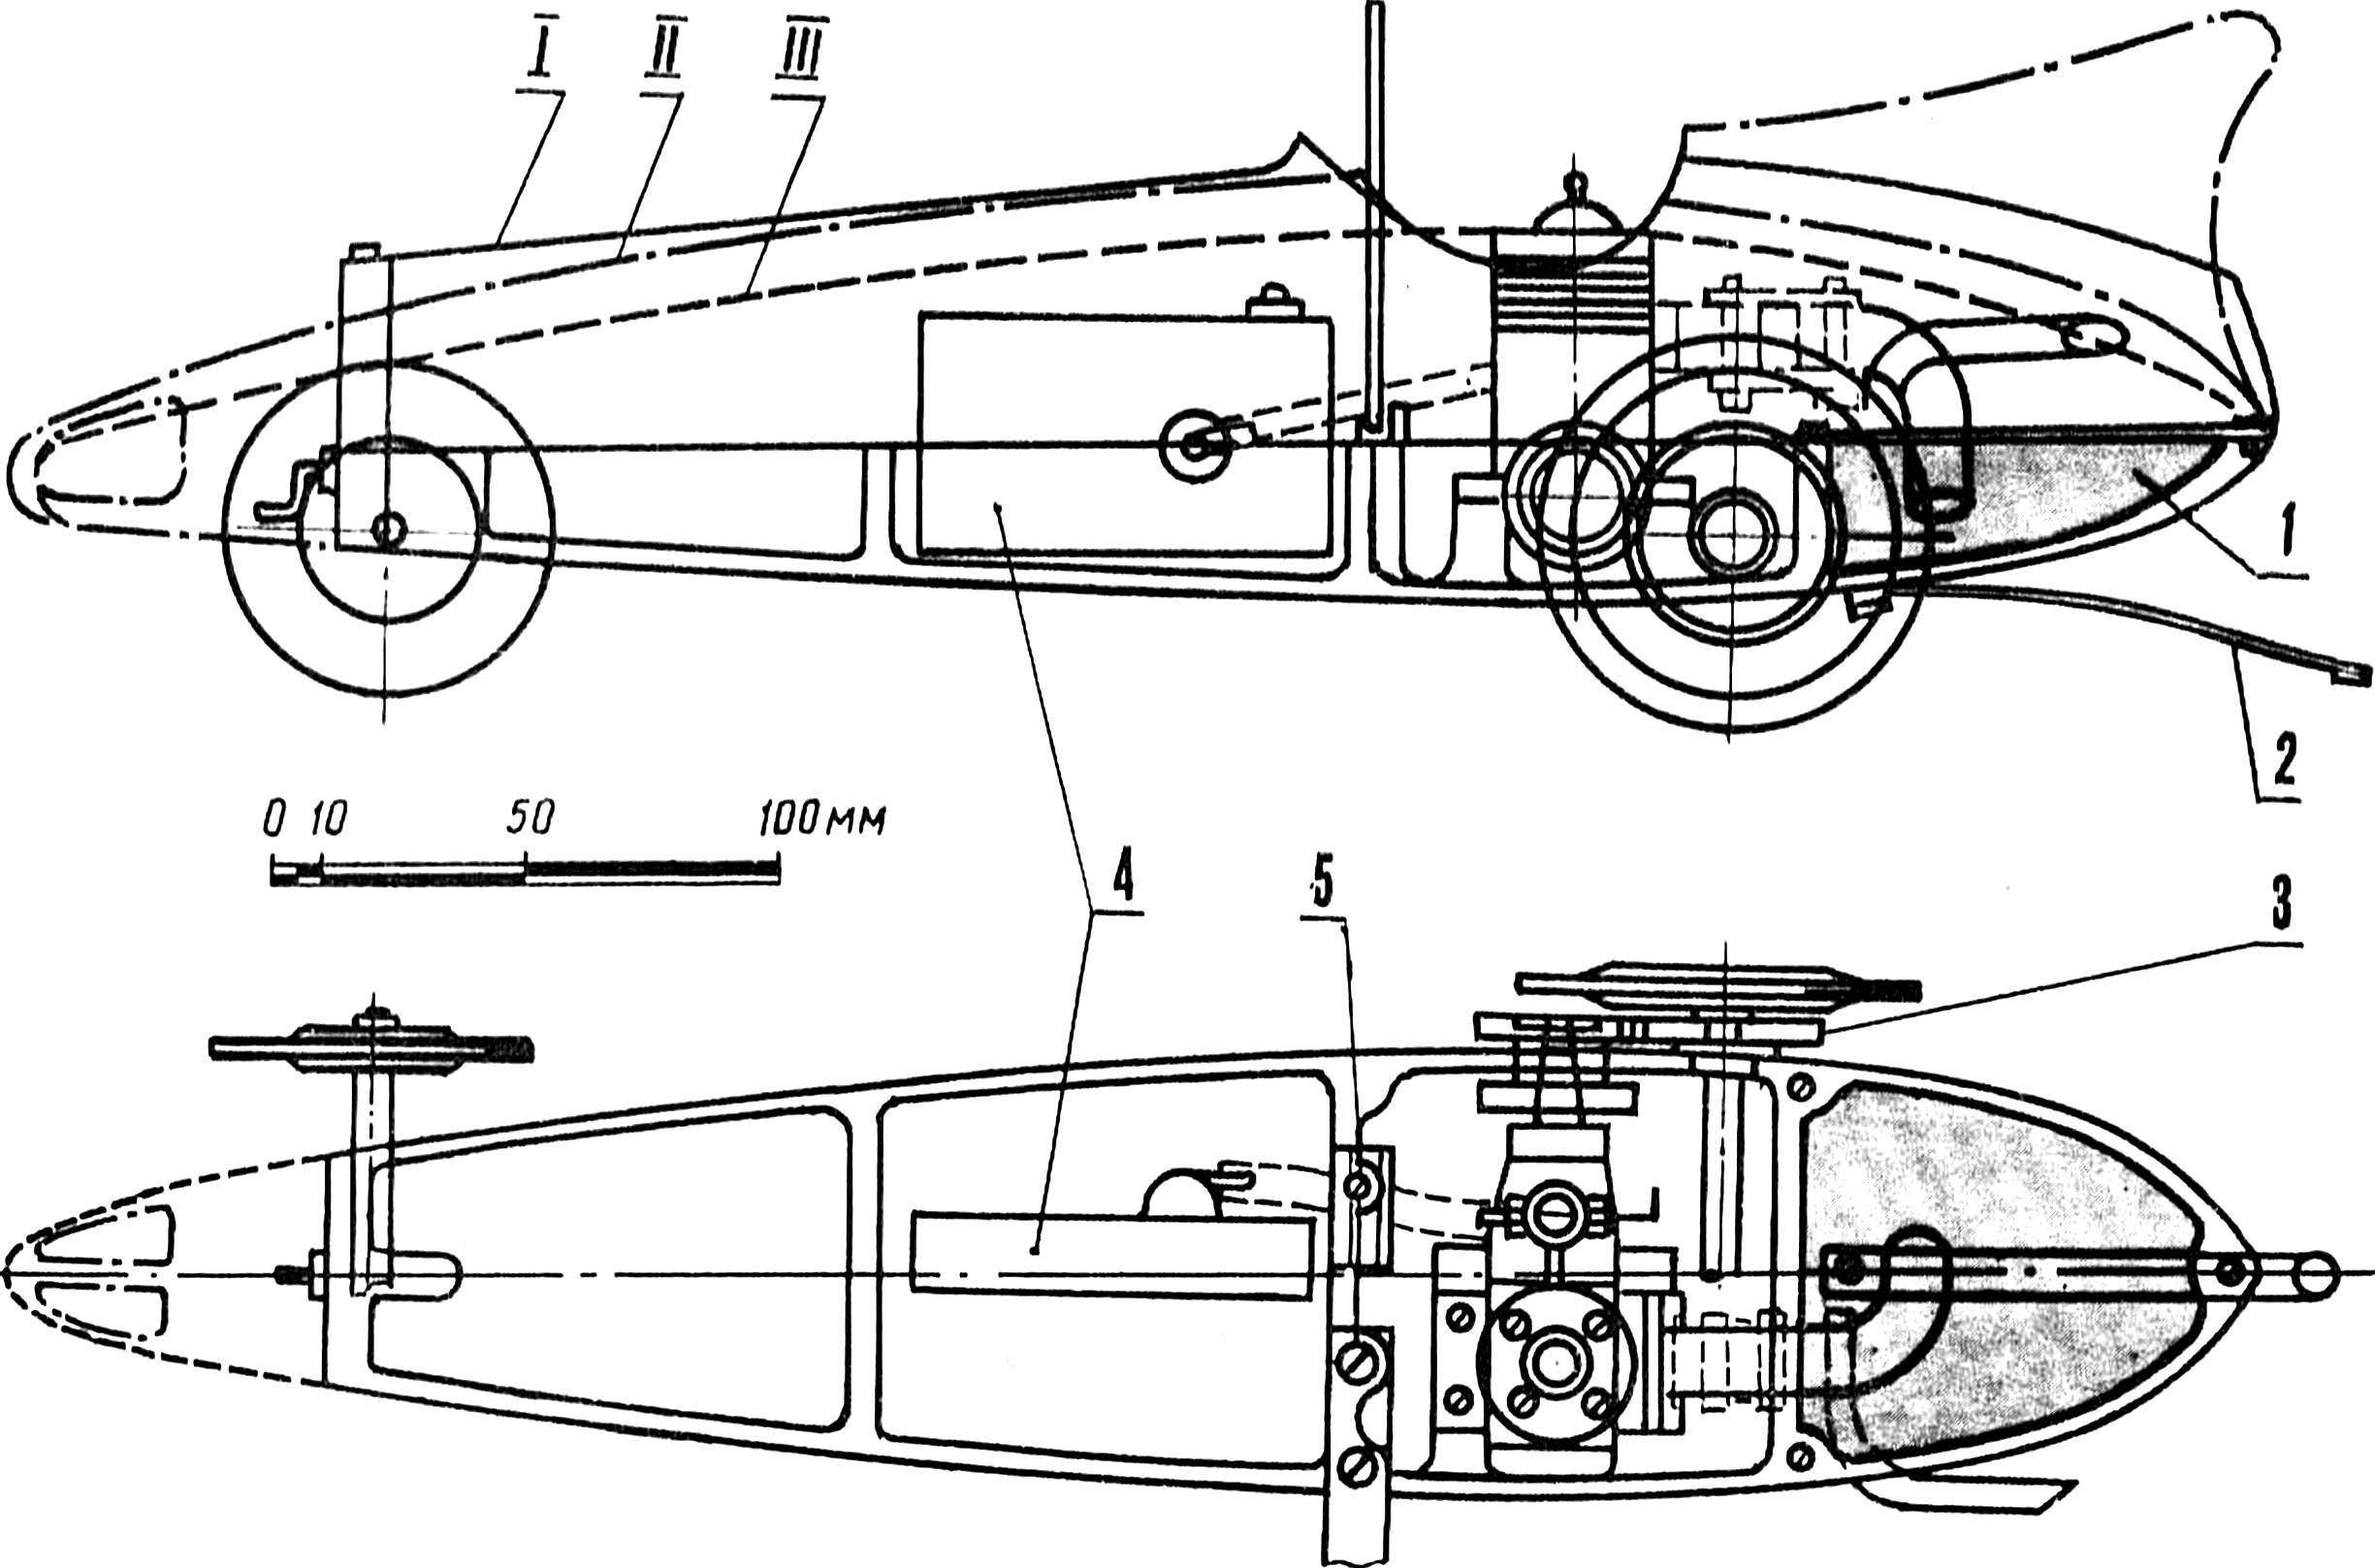 Рис. 1. Схема модели класса Е-5.